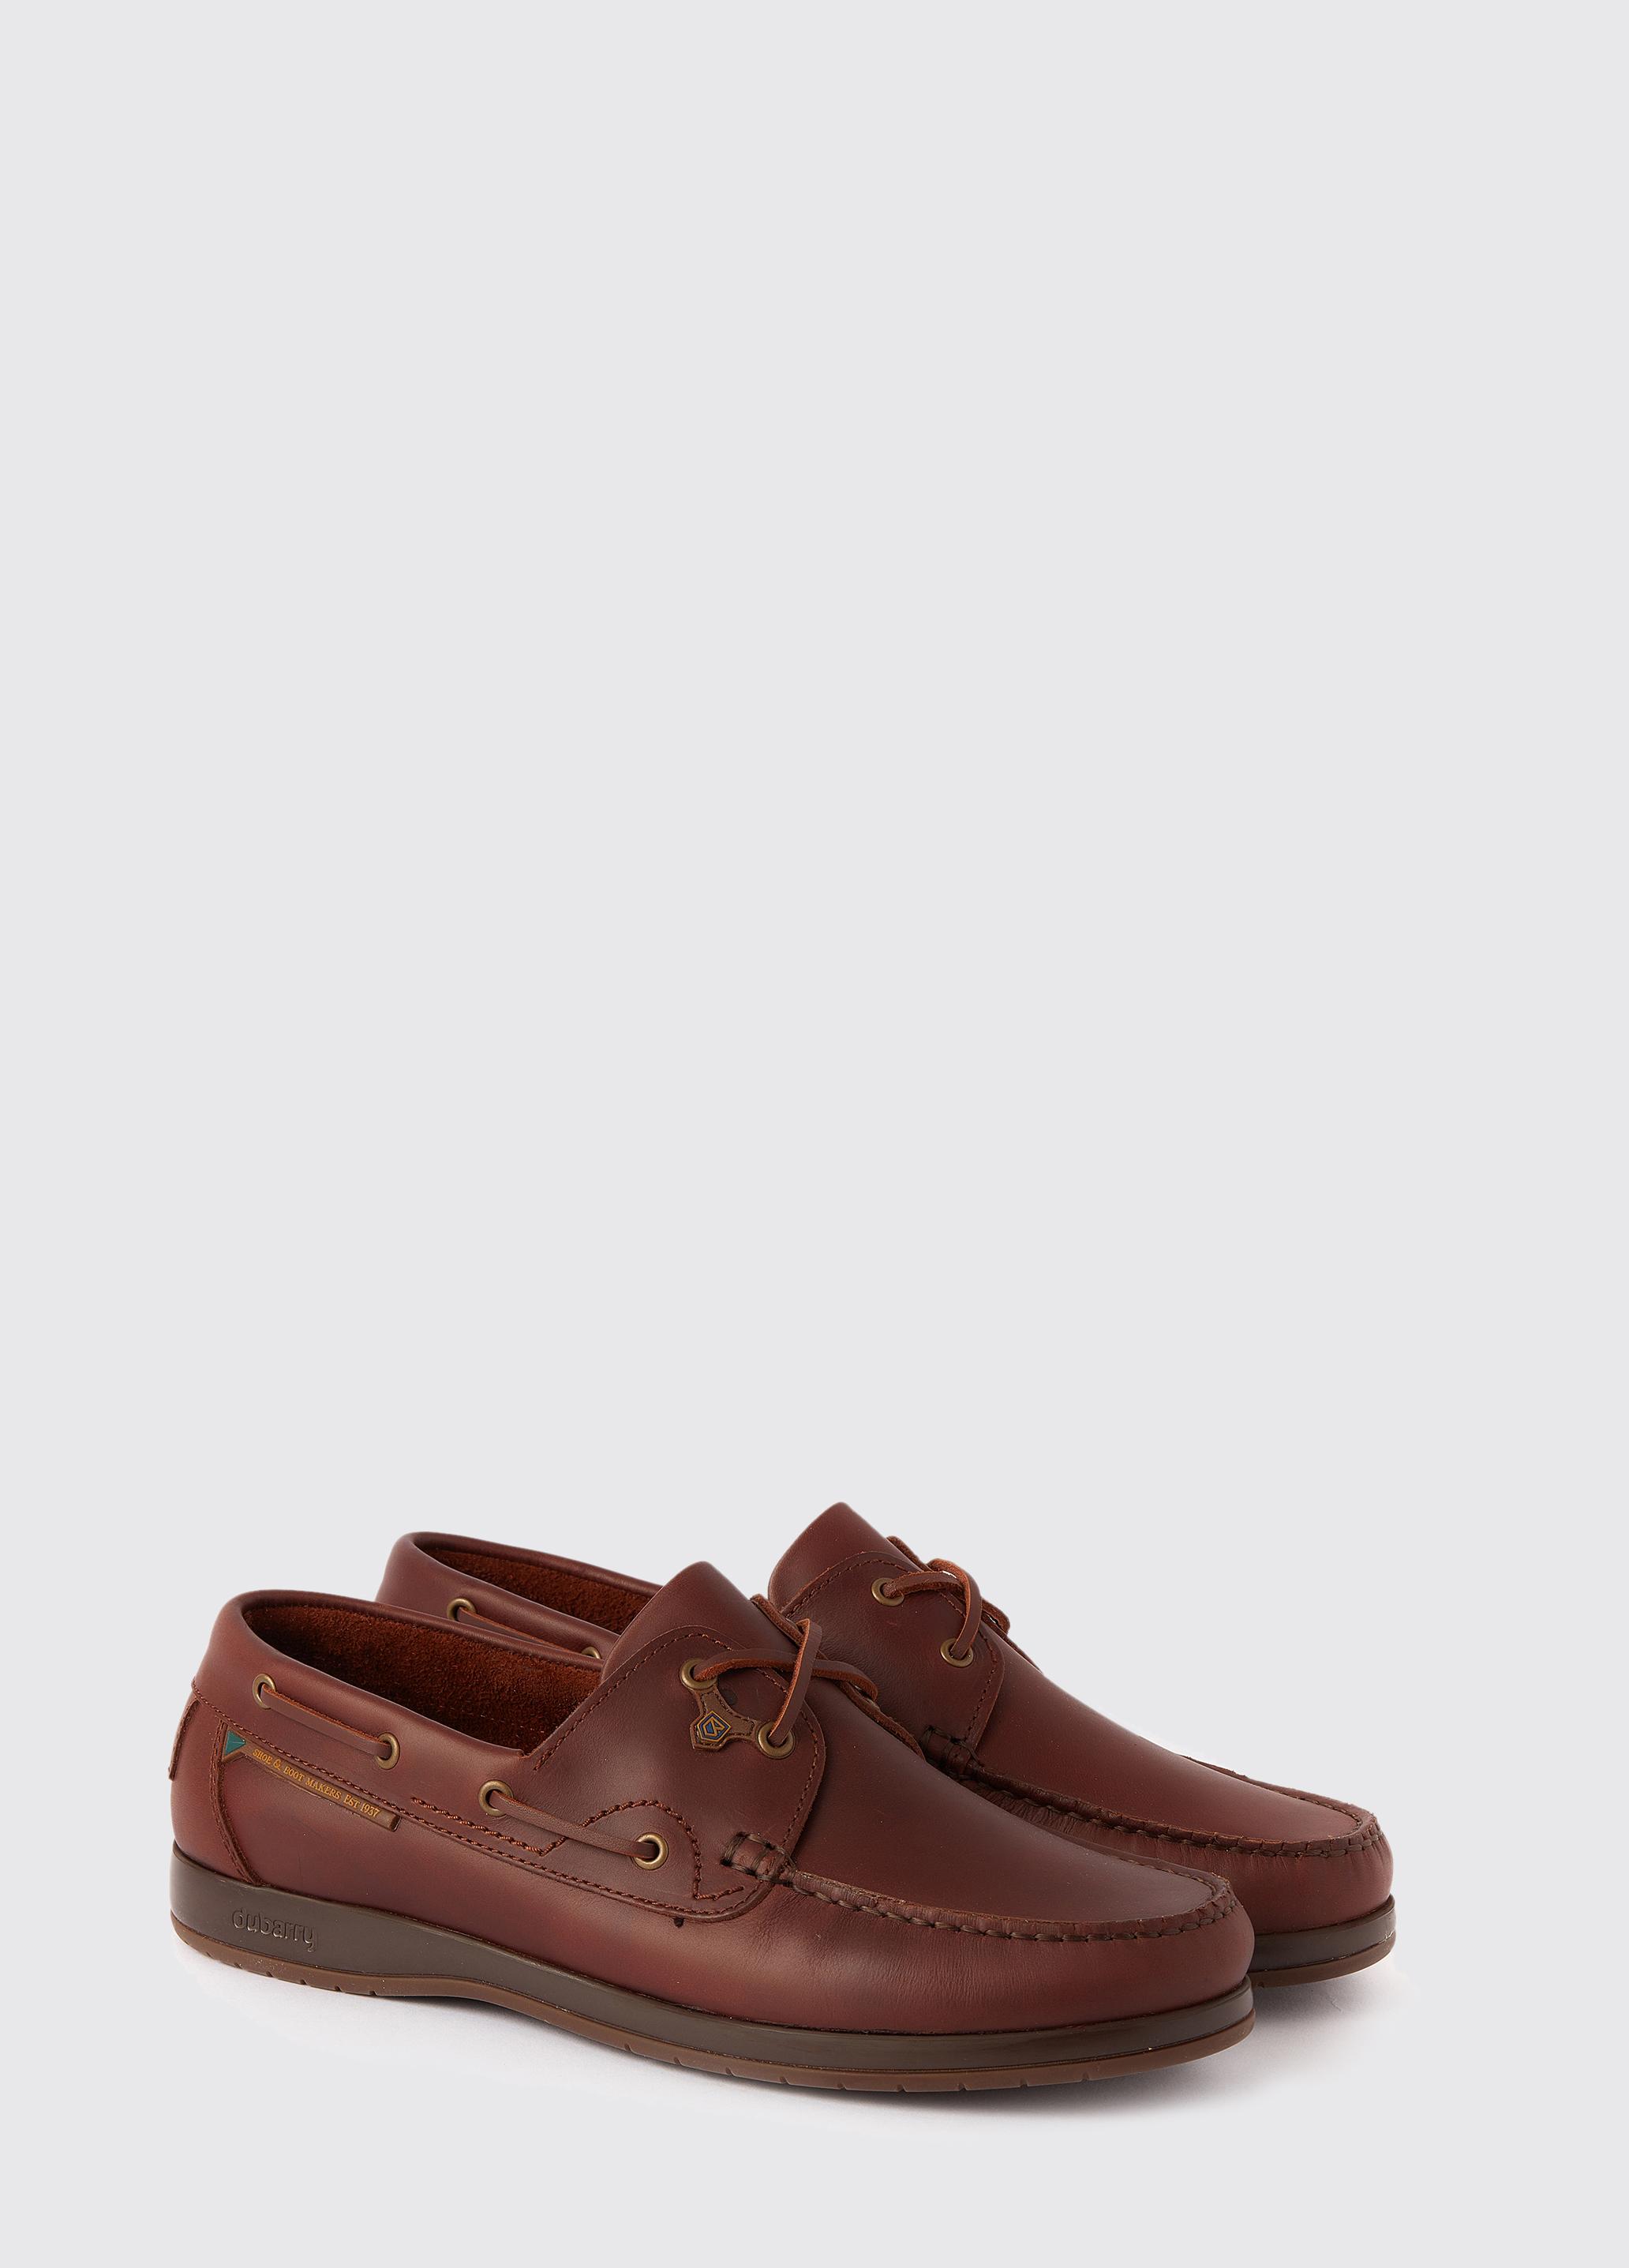 Sailmaker X LT Deck Shoe - Mahogany